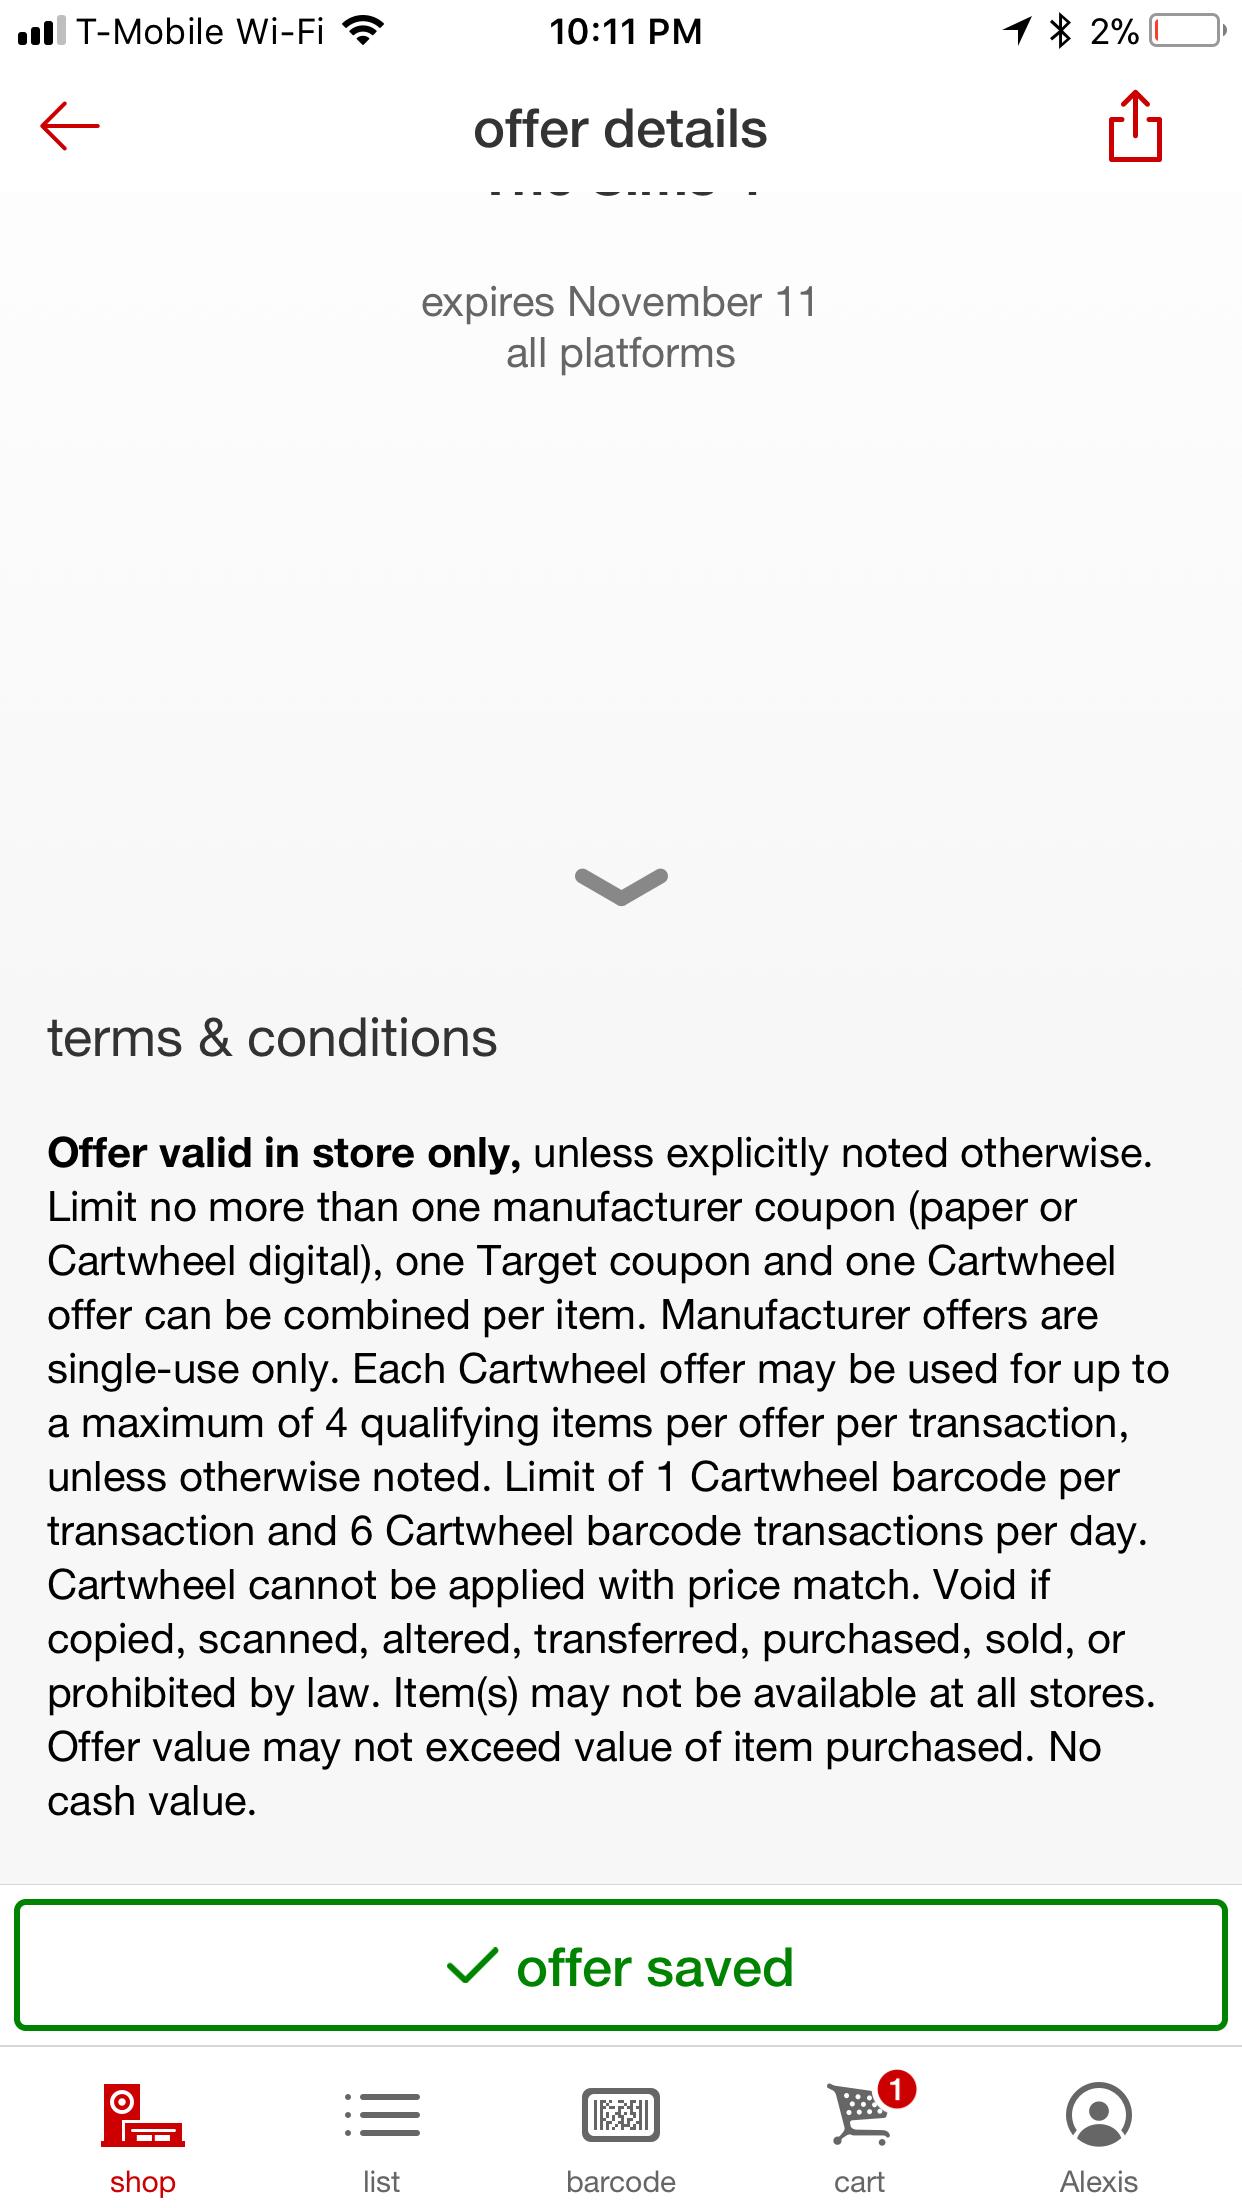 Camera paradise discount coupon